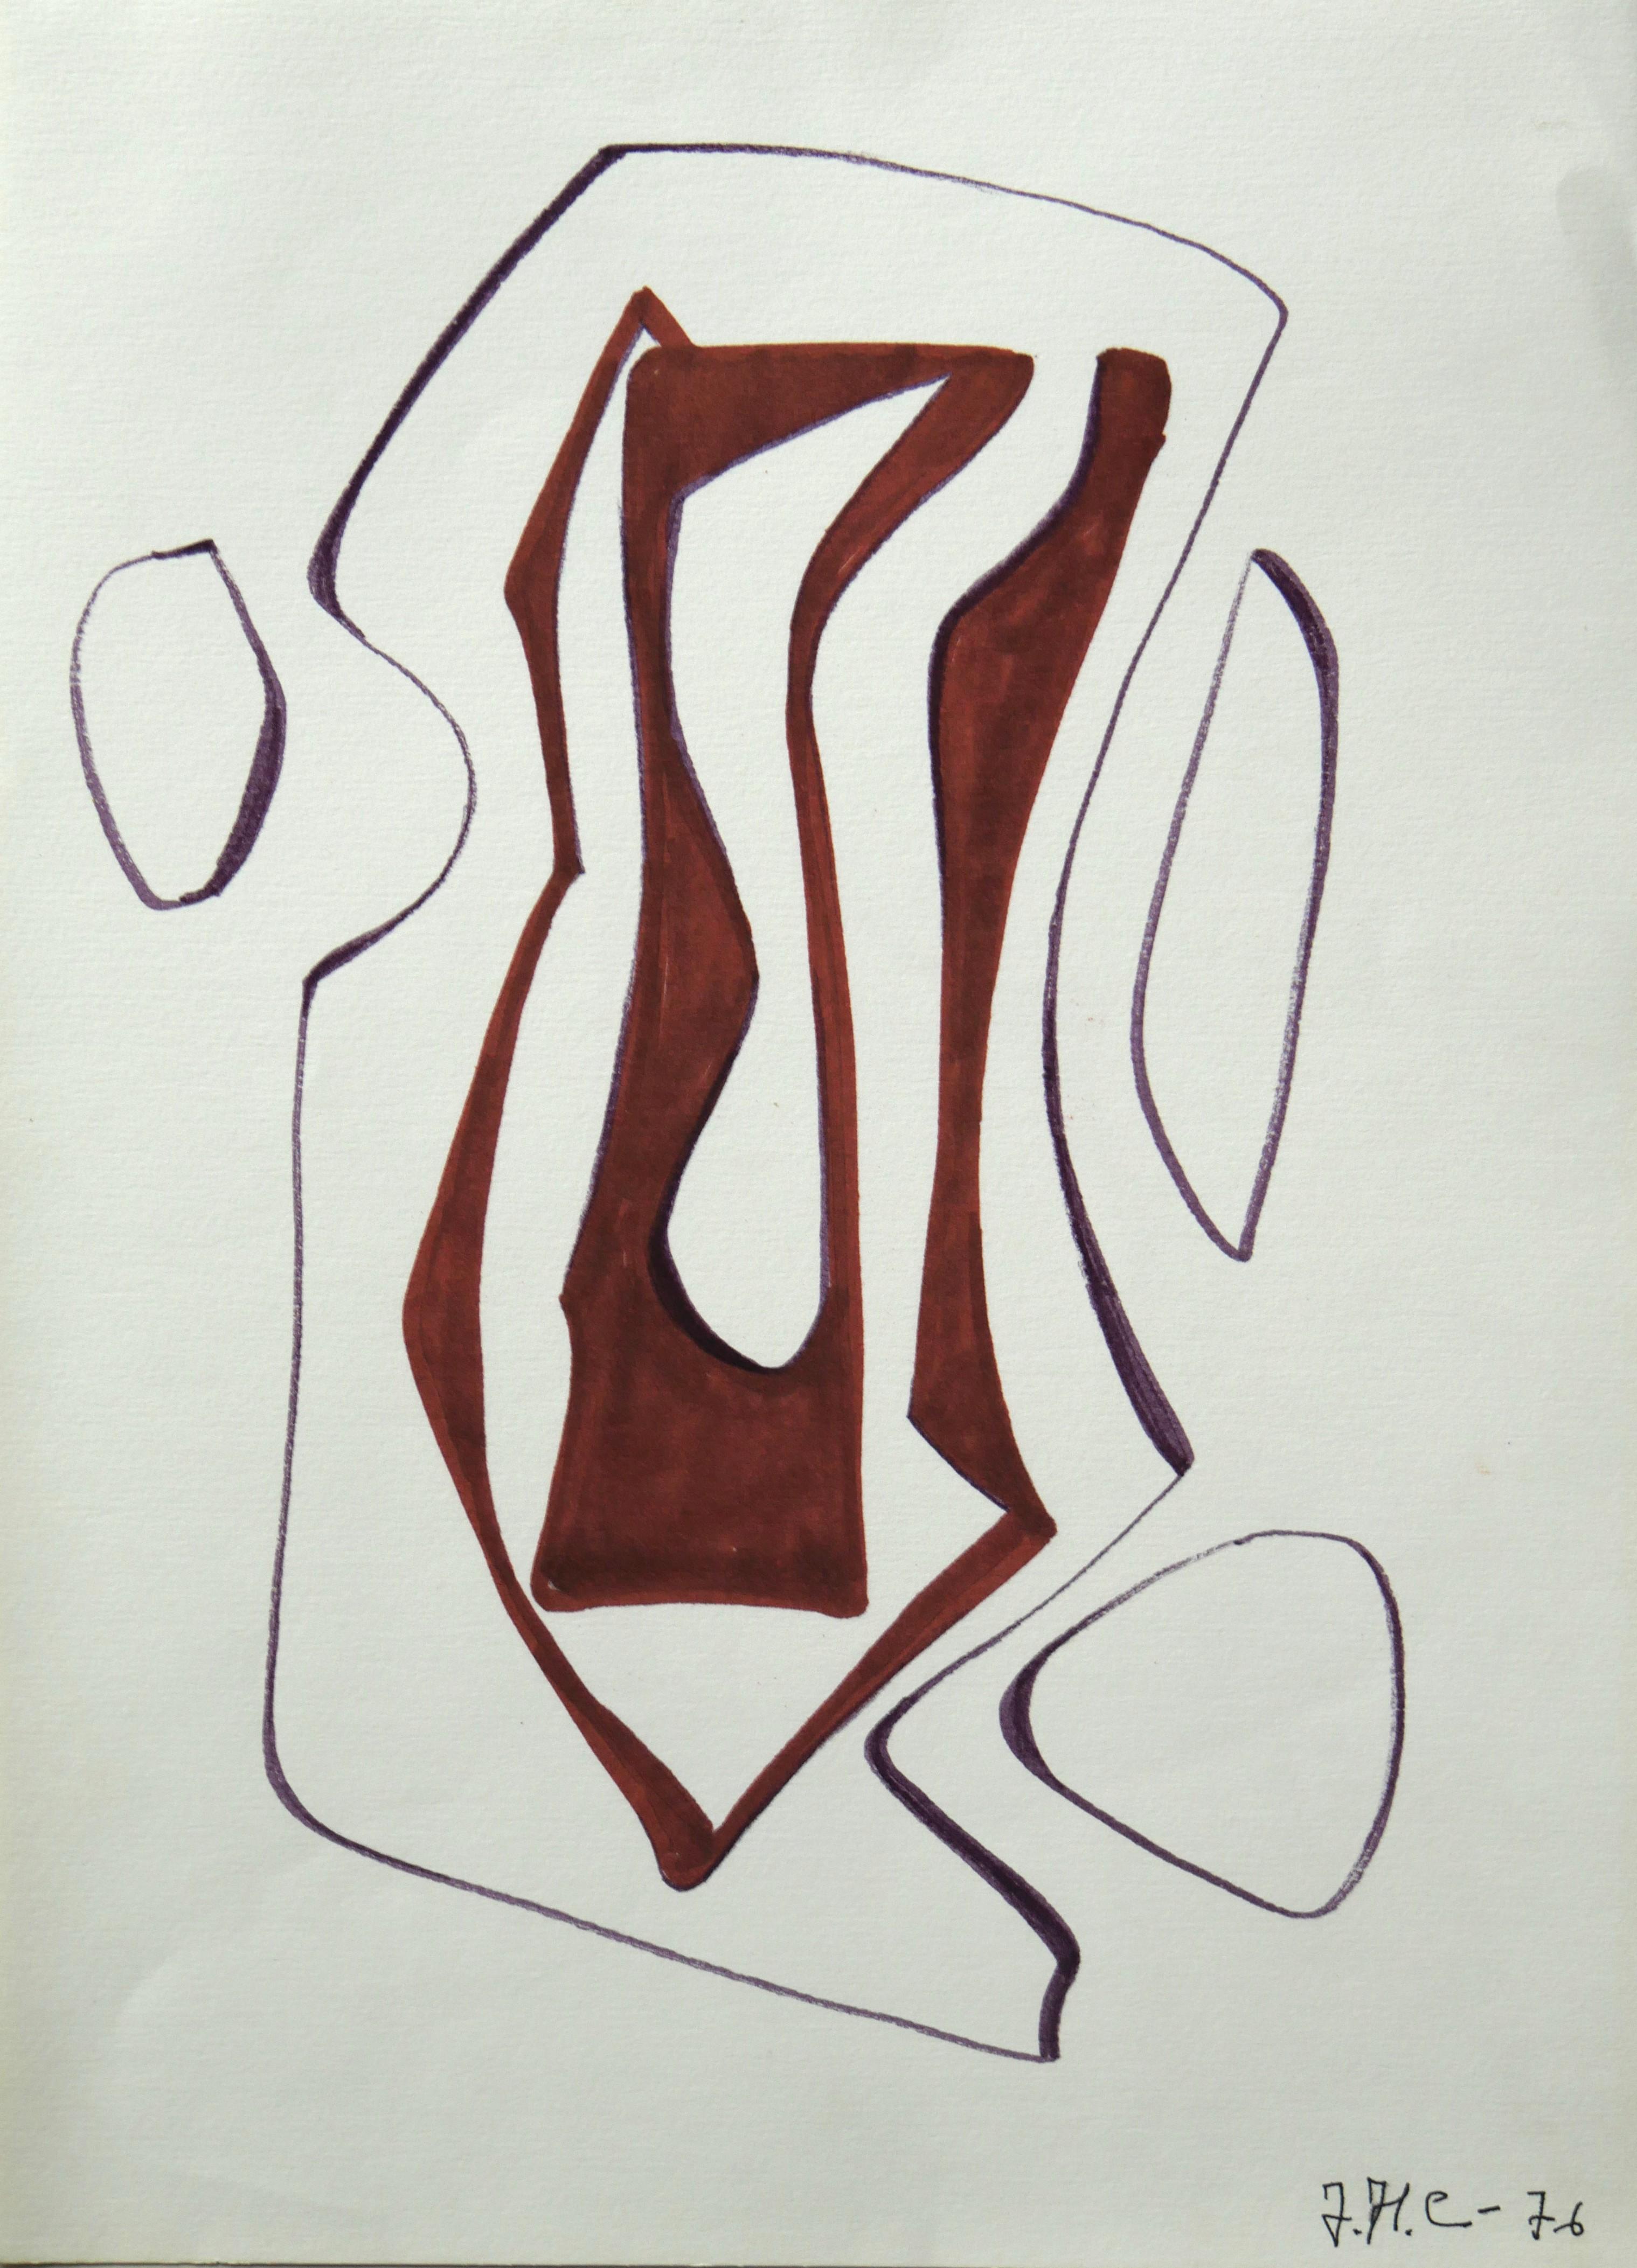 1976.Forma abstracta.34x24,5 cms. Flomaster en marrón y negro, sobre papel. Modelo para el grabado realizado por el grabador Pavel Albert